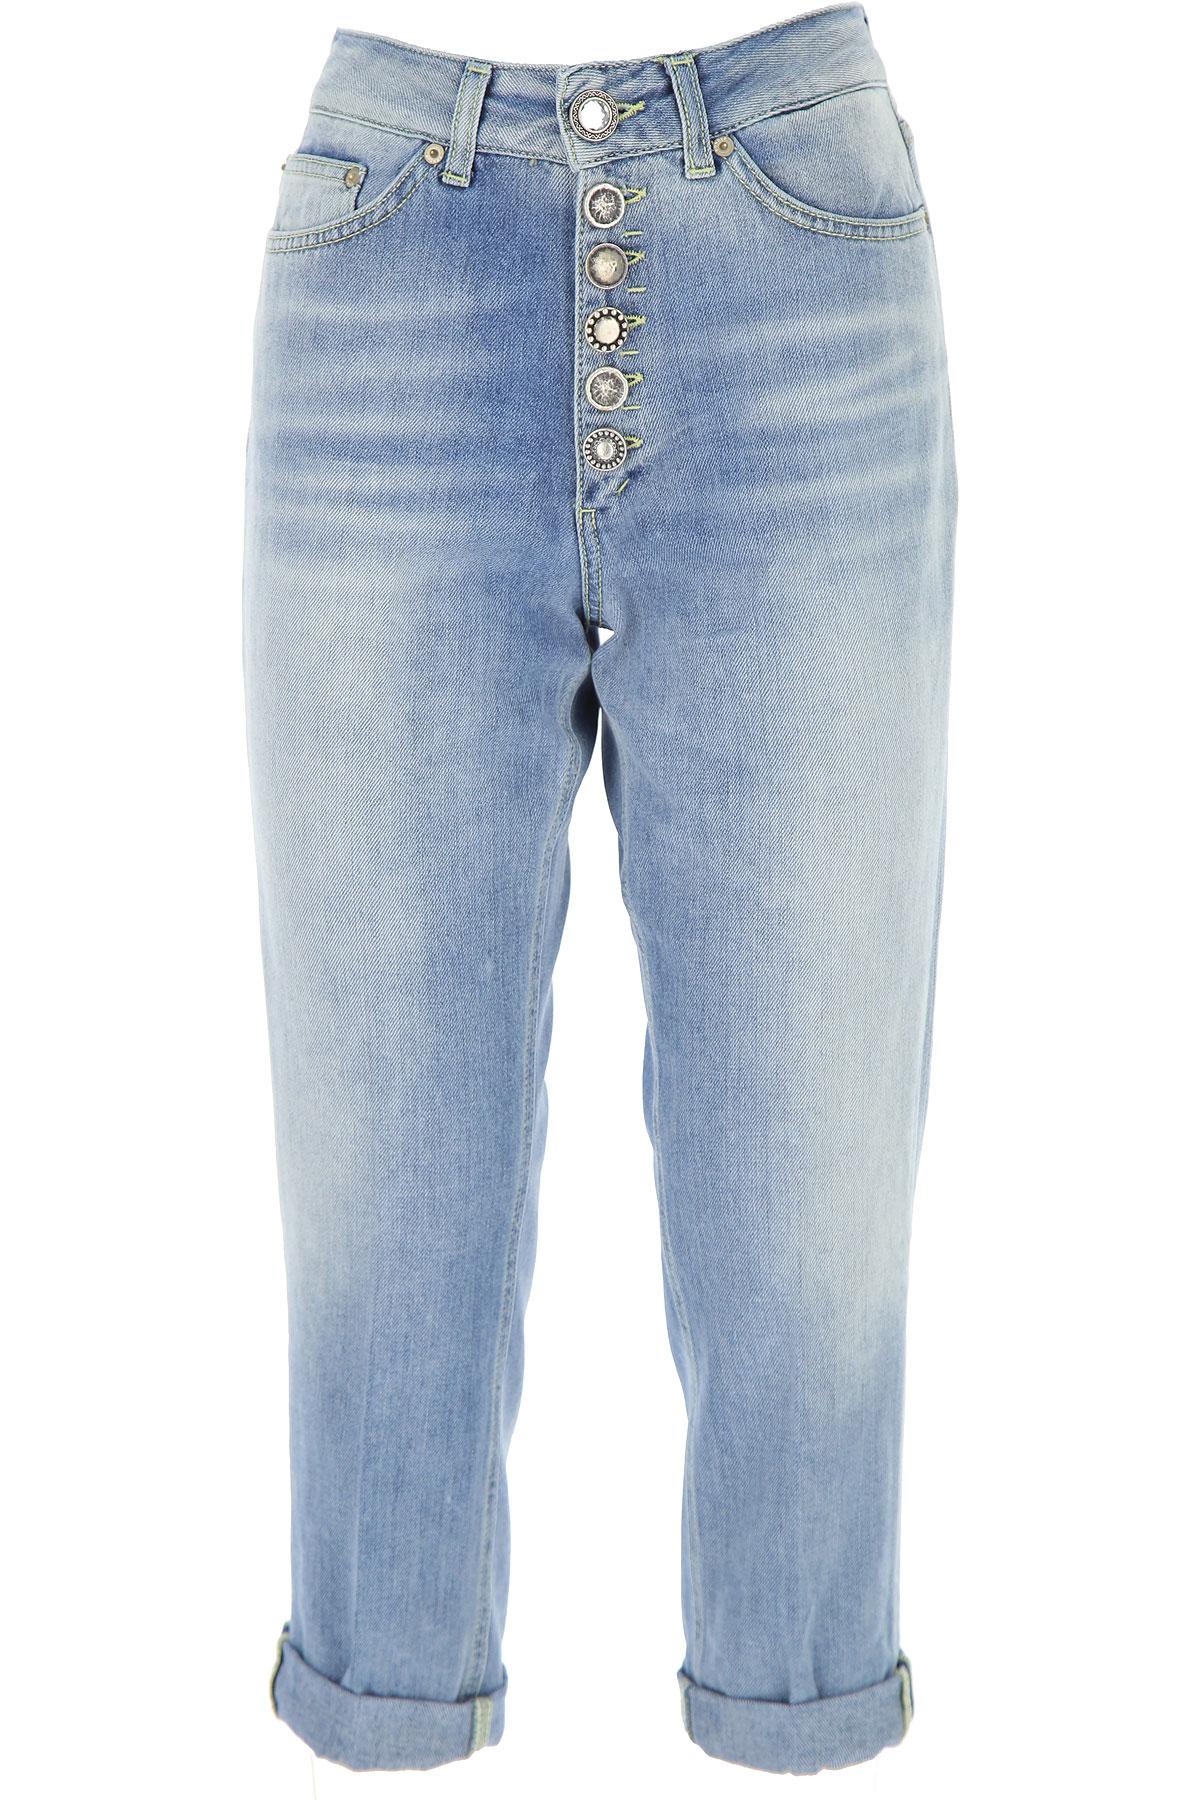 Dondup Jeans, Light Blue, Cotton, 2017, 26 27 28 29 30